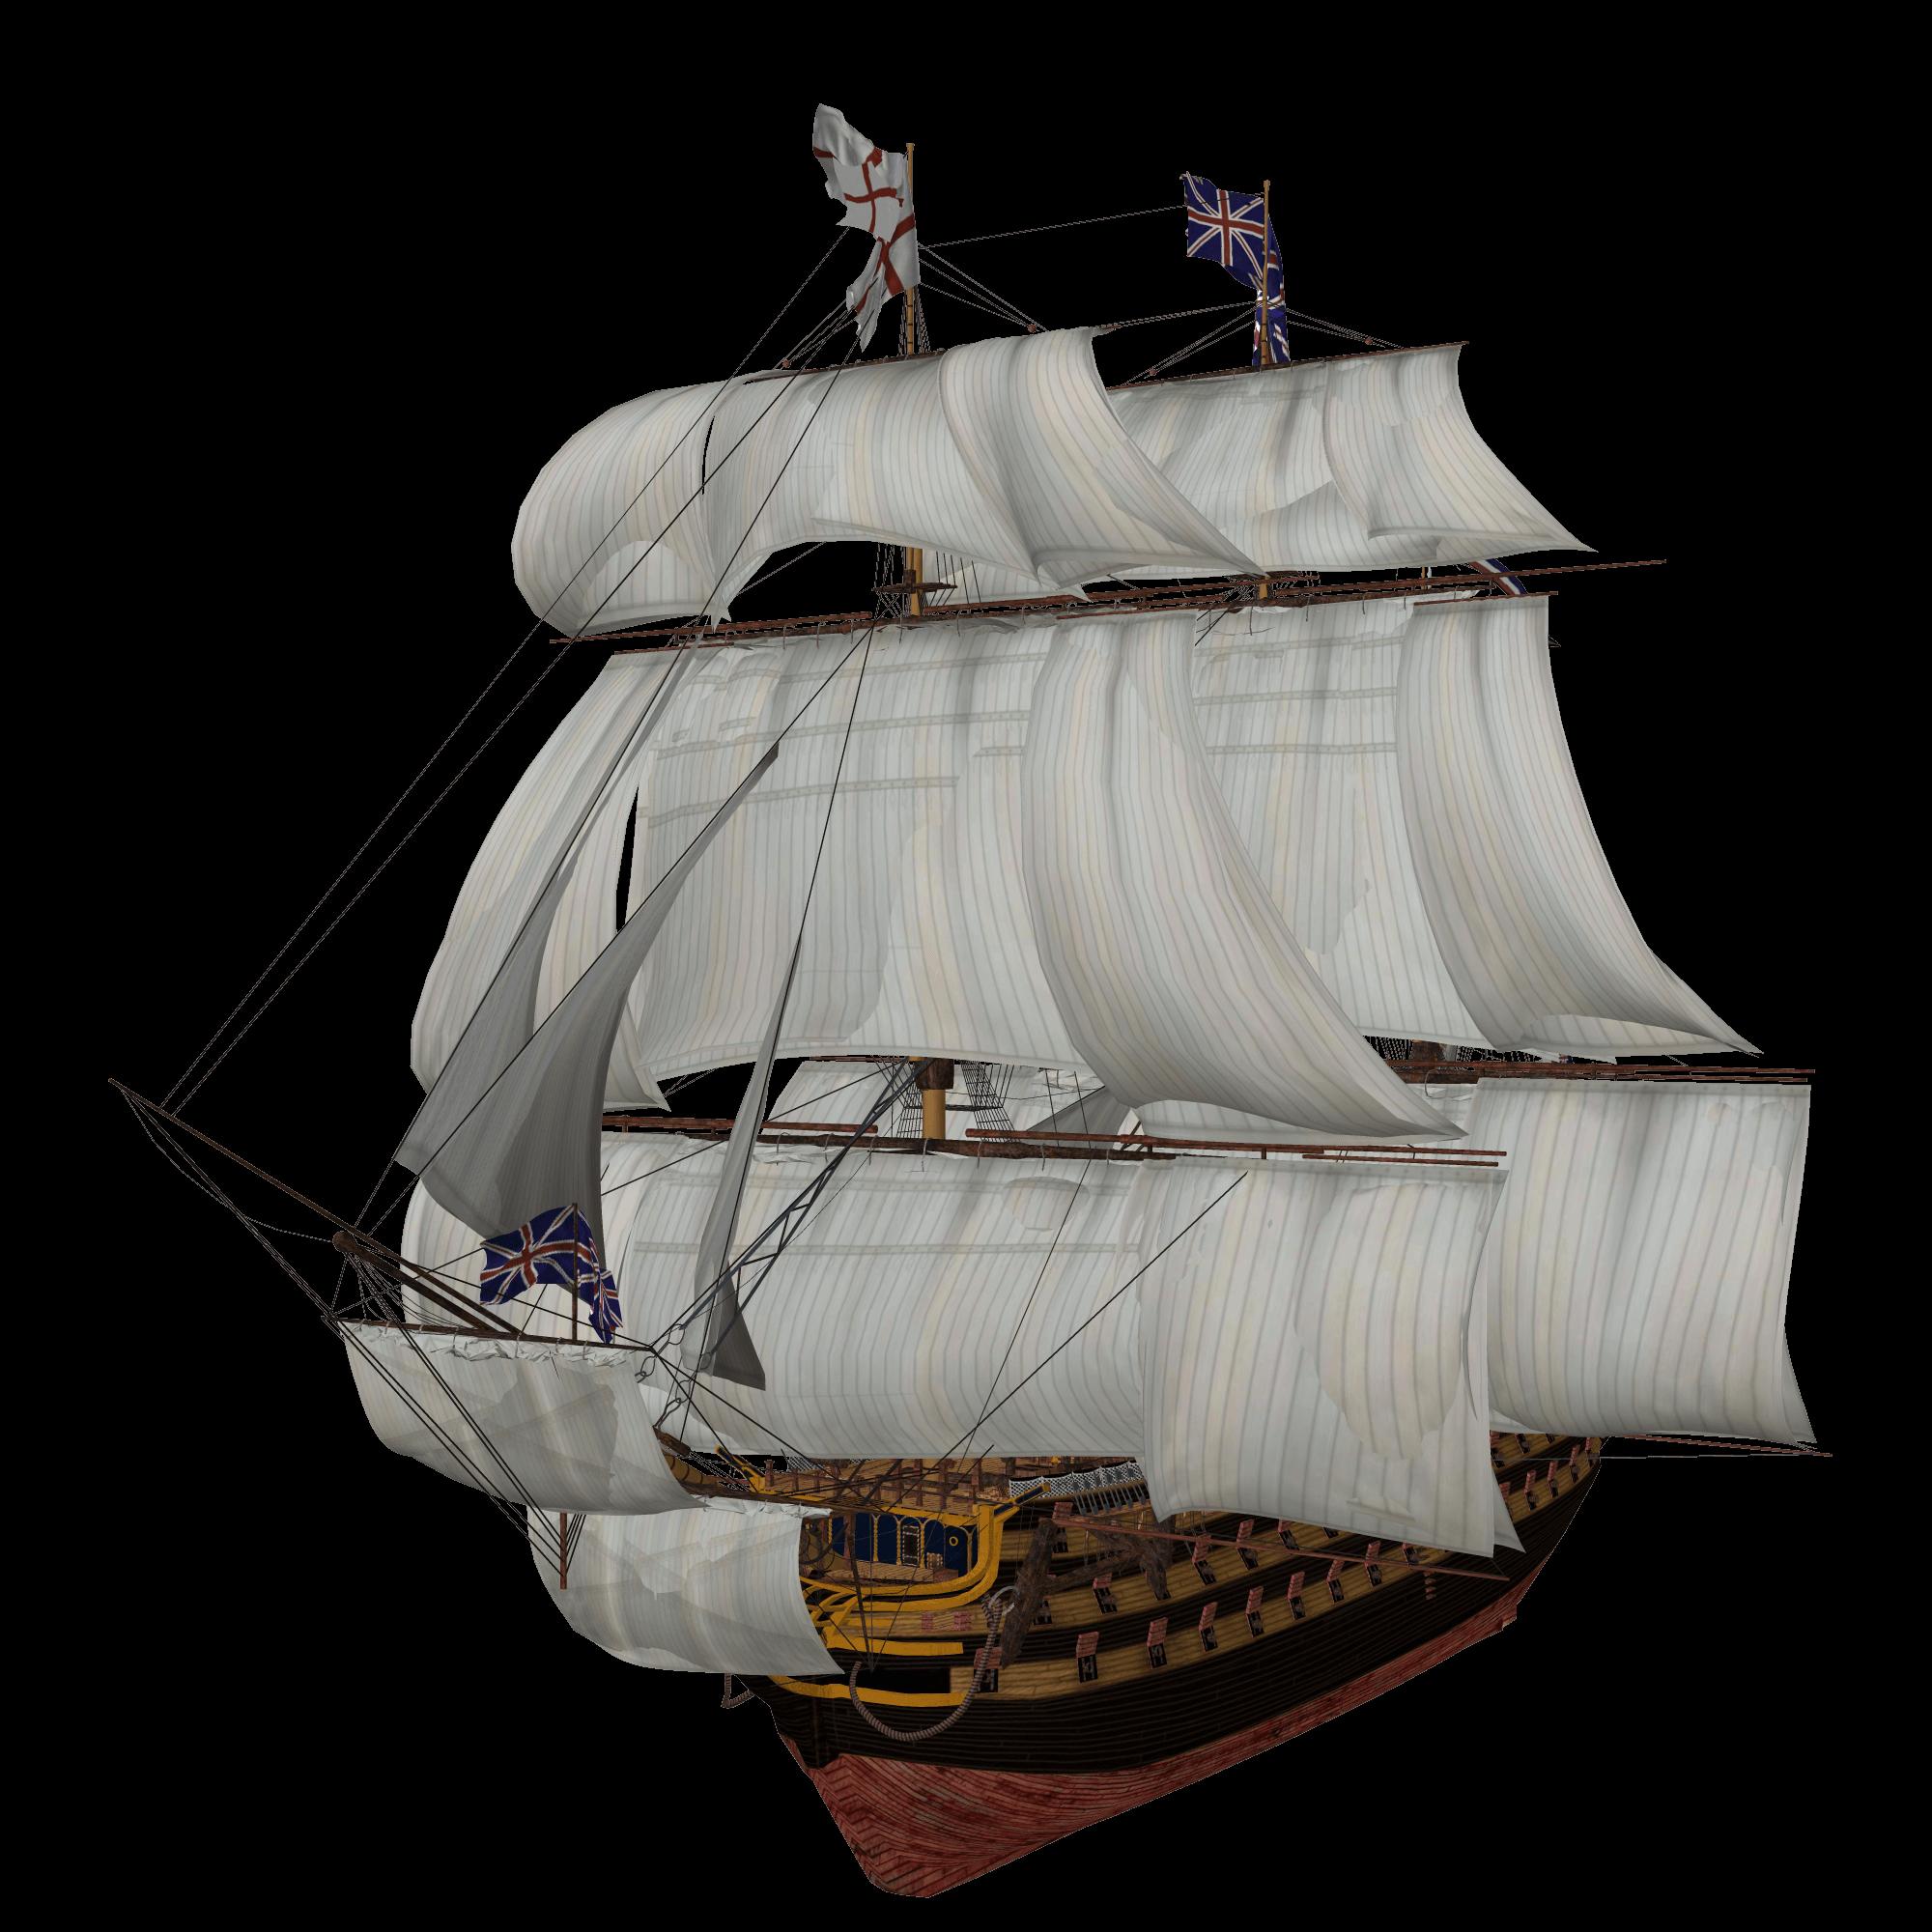 download sailing ship png image hq png image freepngimg chameleon clip art images chameleon clip art drawing